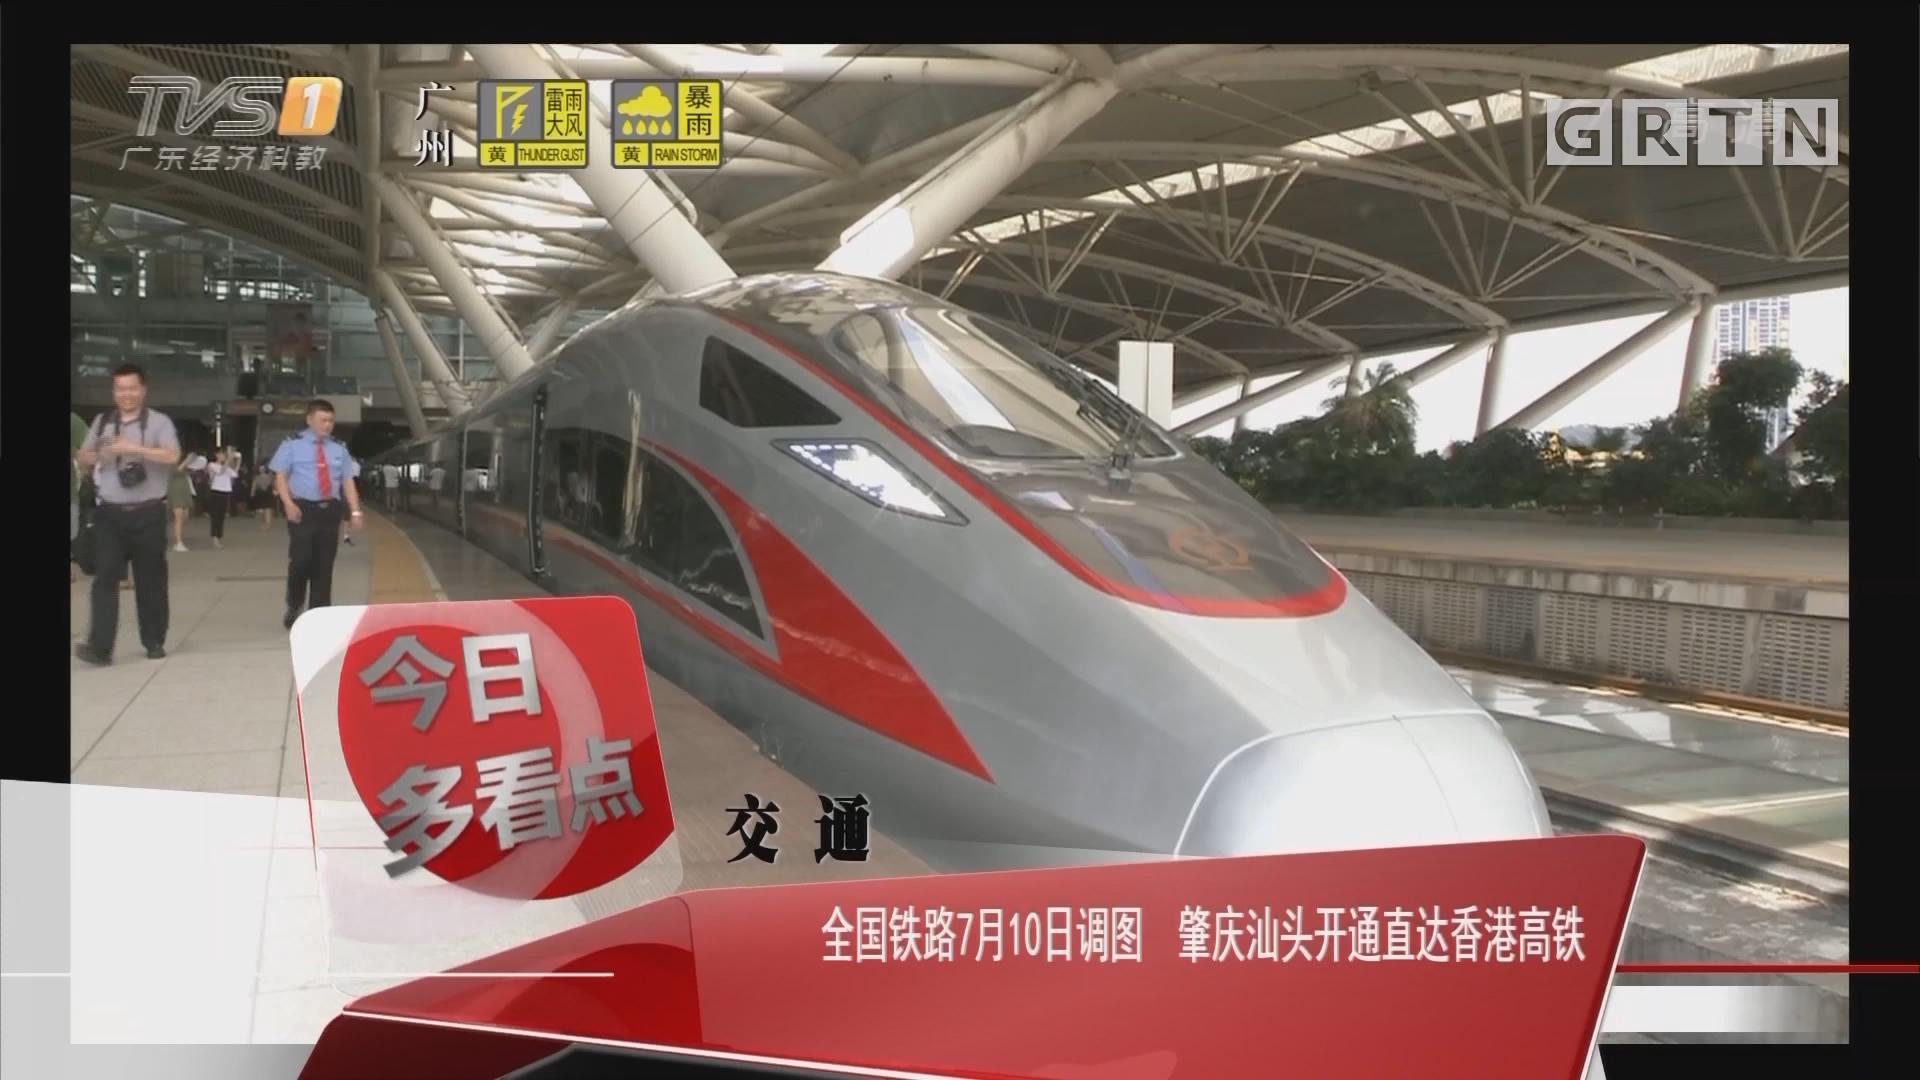 交通:全国铁路7月10日调图 肇庆汕头开通直达香港高铁